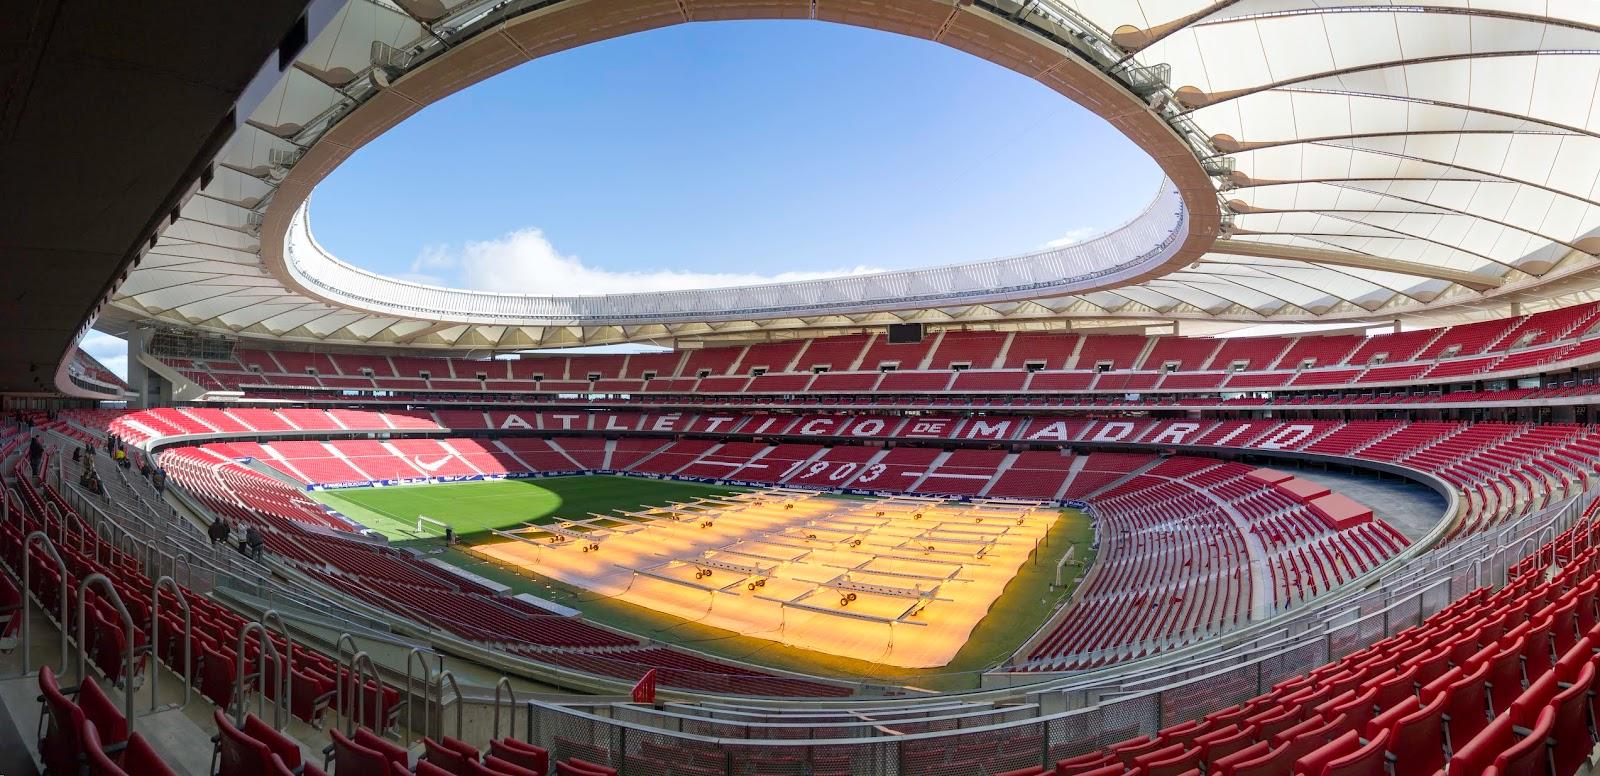 89f1b6b2b ملعب واندا ميتروبوليتانو التابع لنادي أتليتيكو دي مدريد , المصدر ويكيبيديا  , الموسوعة الحرة